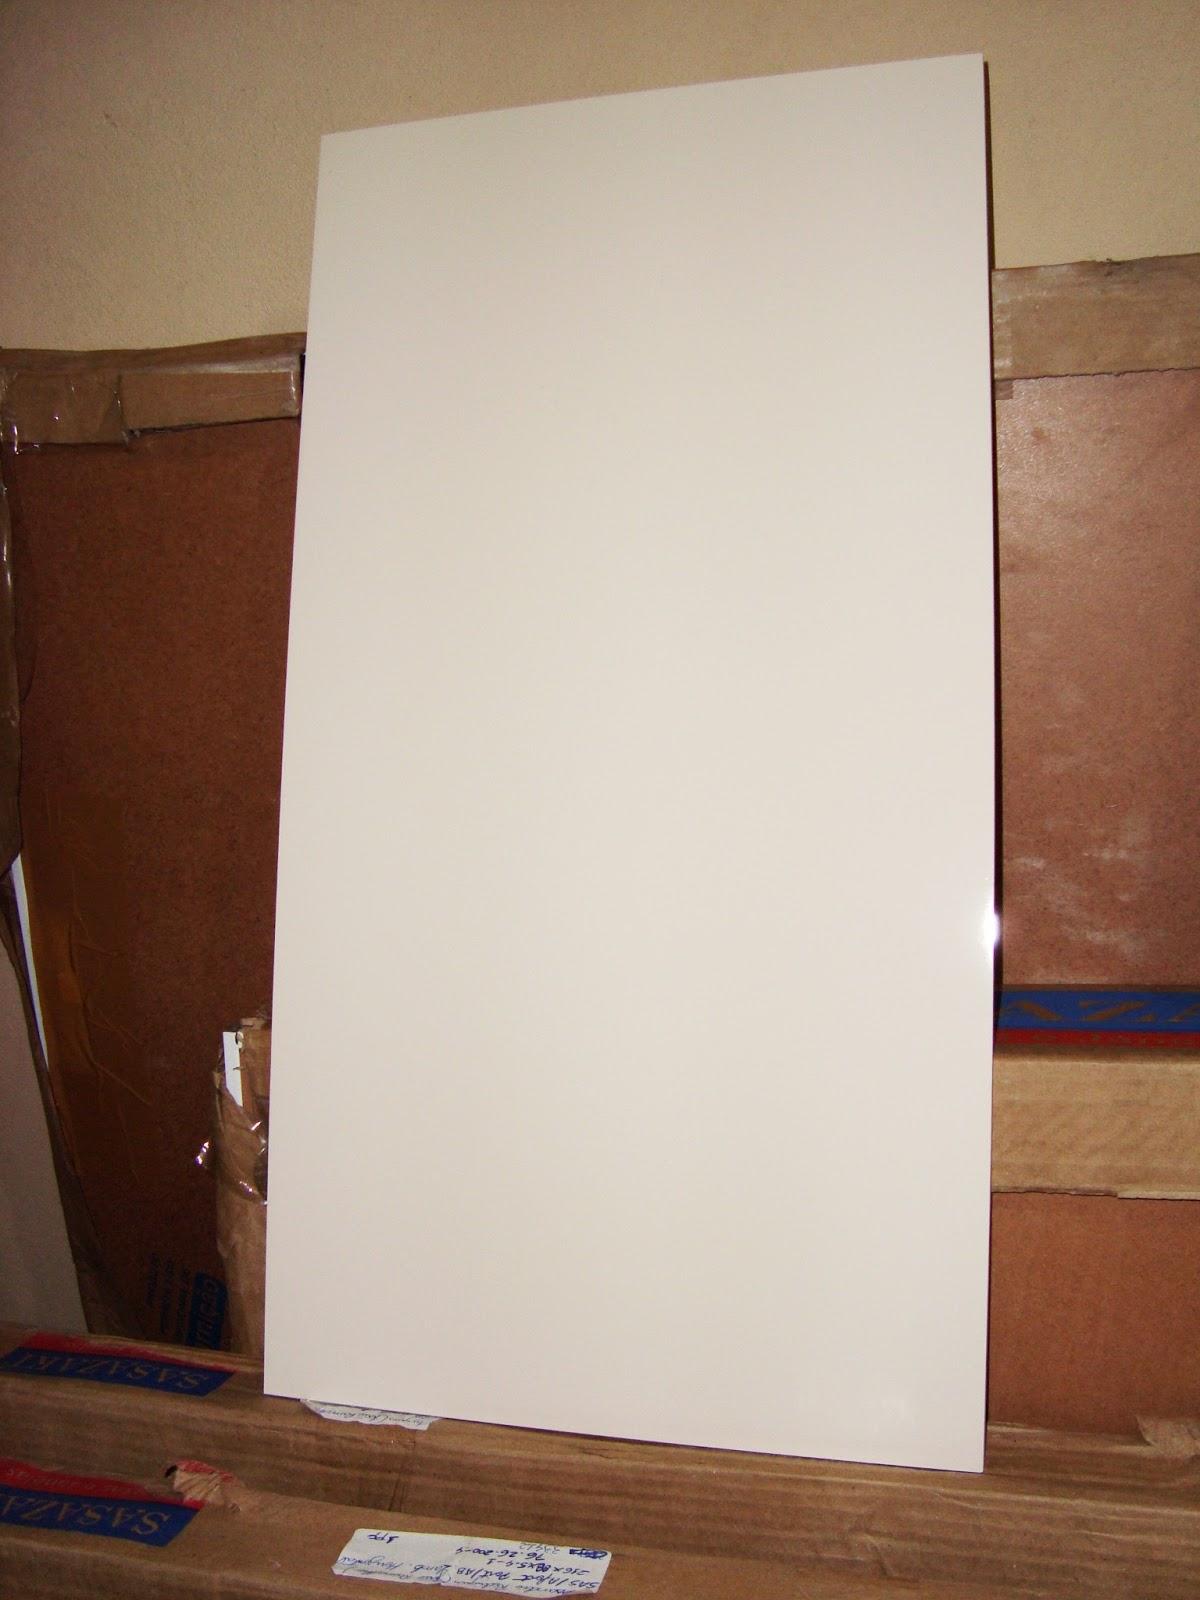 Aqui tirei uma foto dele junto com o ladrilho da Ceusa que vai ser  #3E2015 1200x1600 Banheiro Com Porcelanato Via Rosa